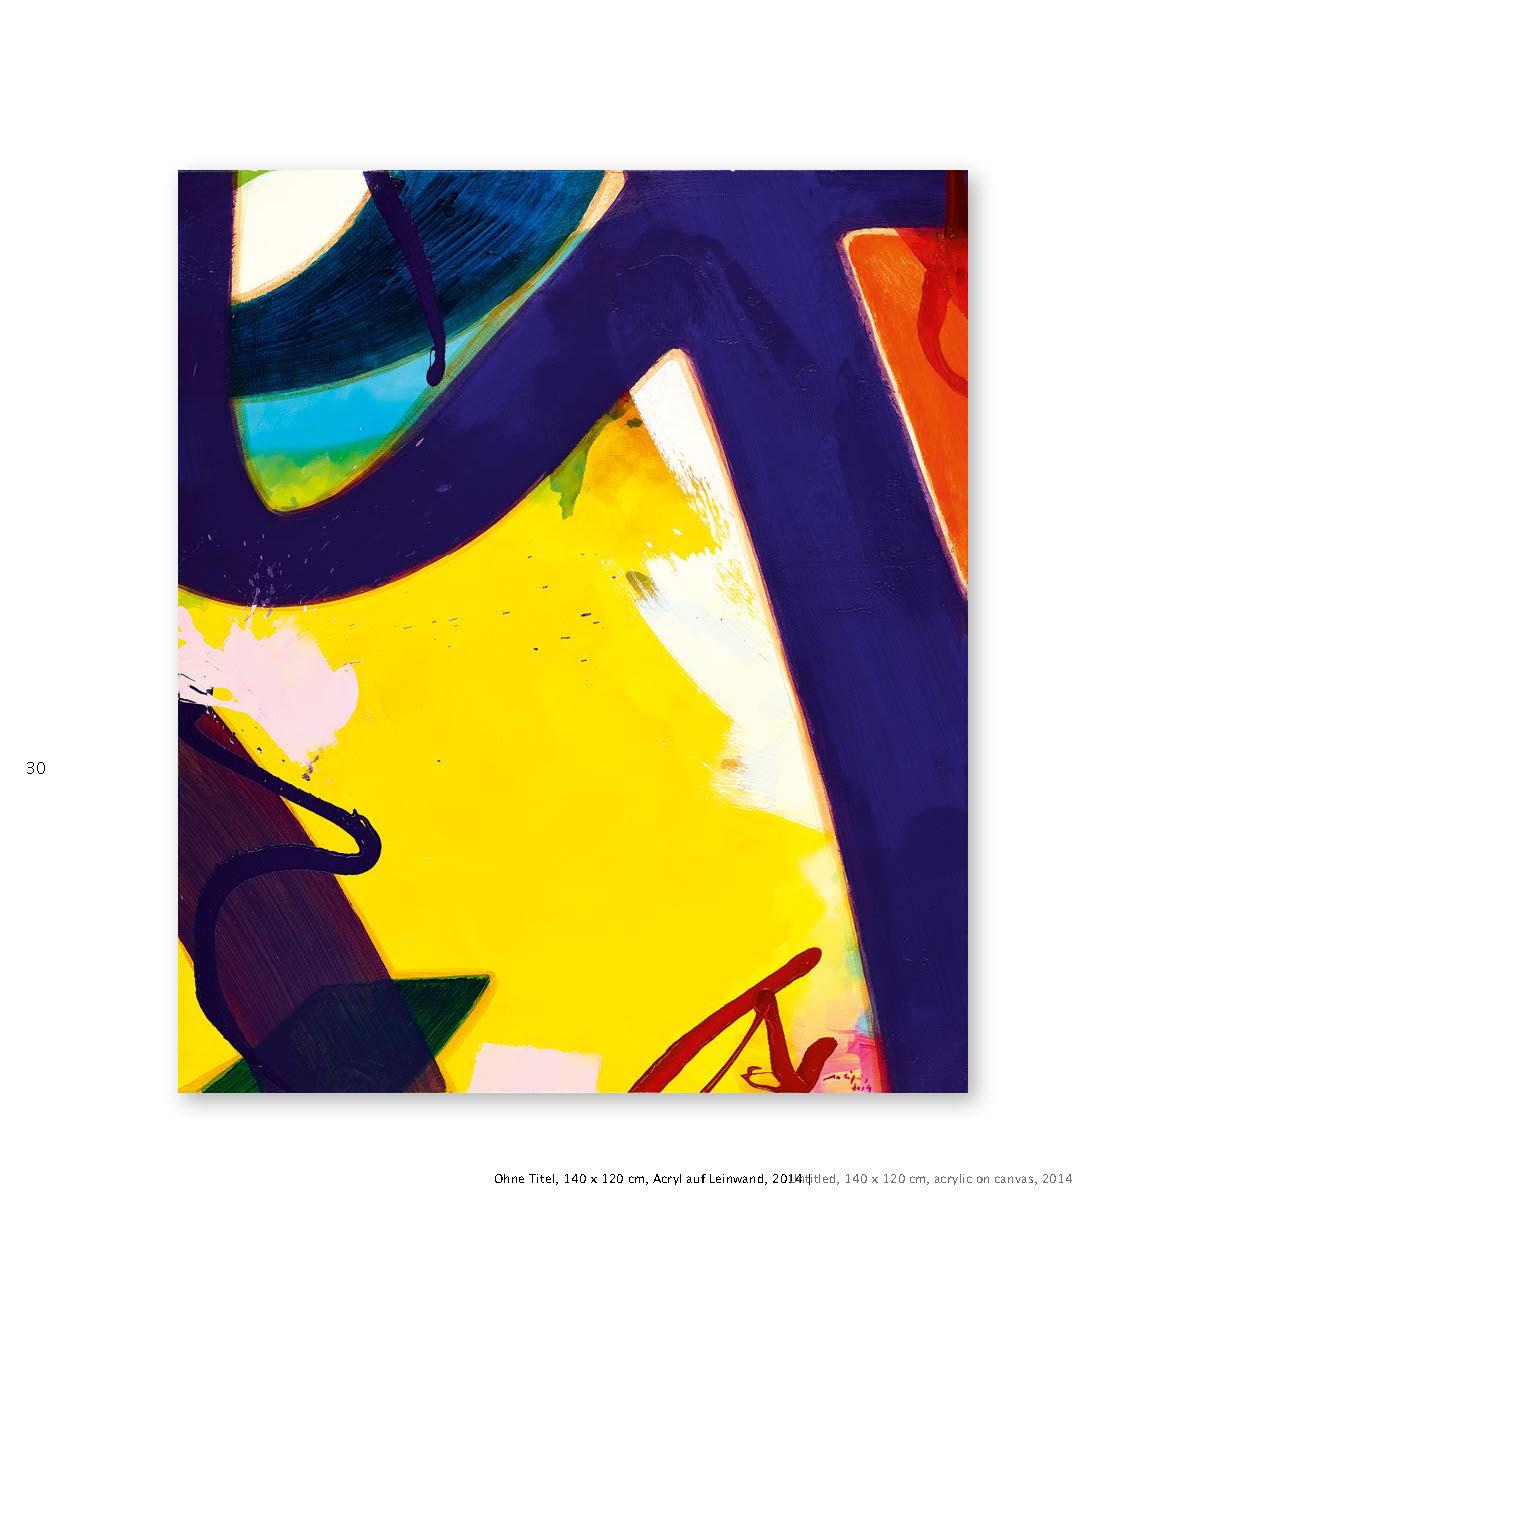 Aatifi Ausstellungskatalog Gemälde Öl auf Leinwand 2014